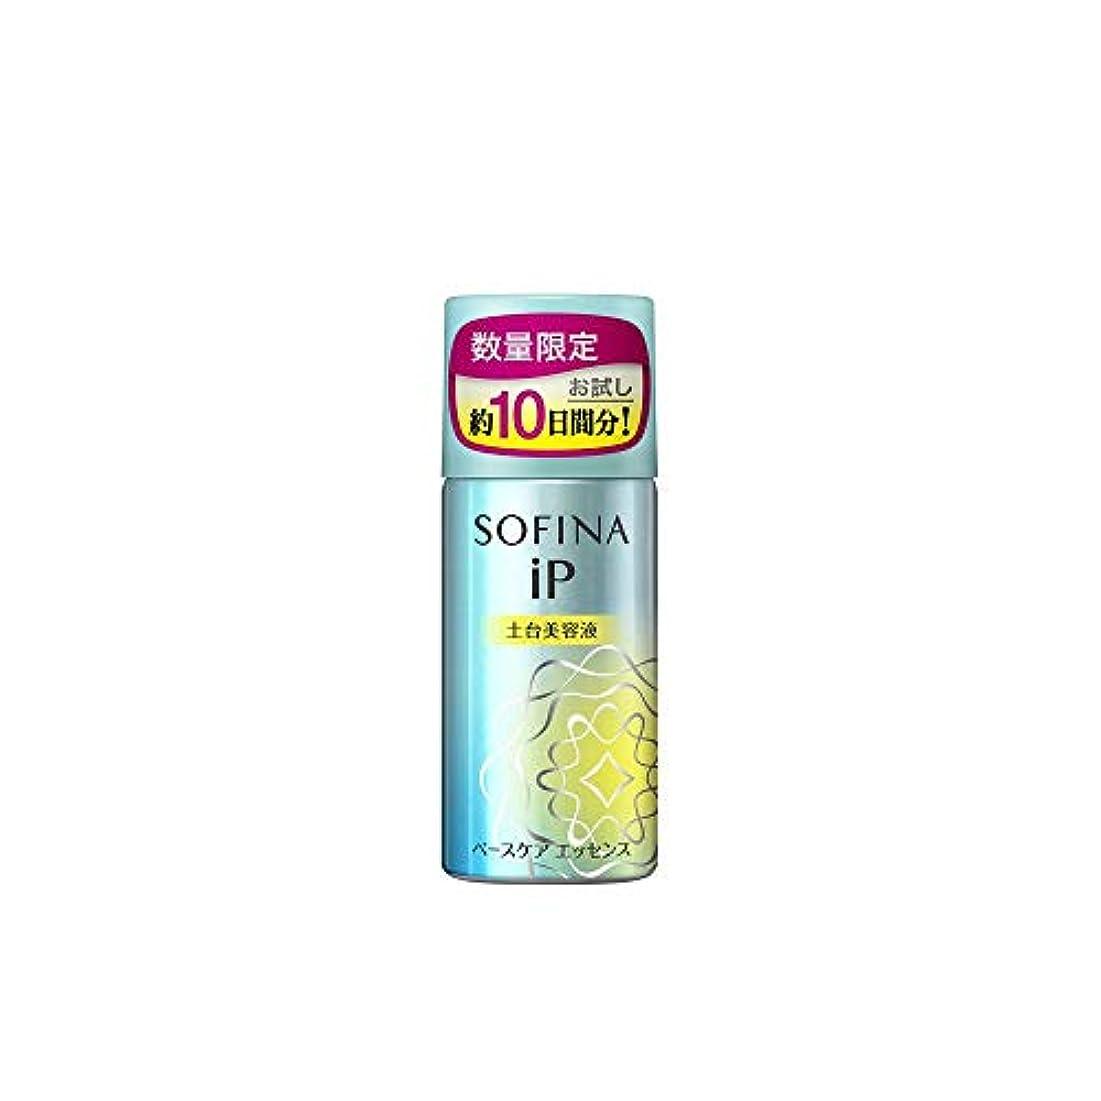 怒りみぞれ直立ソフィーナ iP(アイピー) ベースケア エッセンス 30g 土台美容液